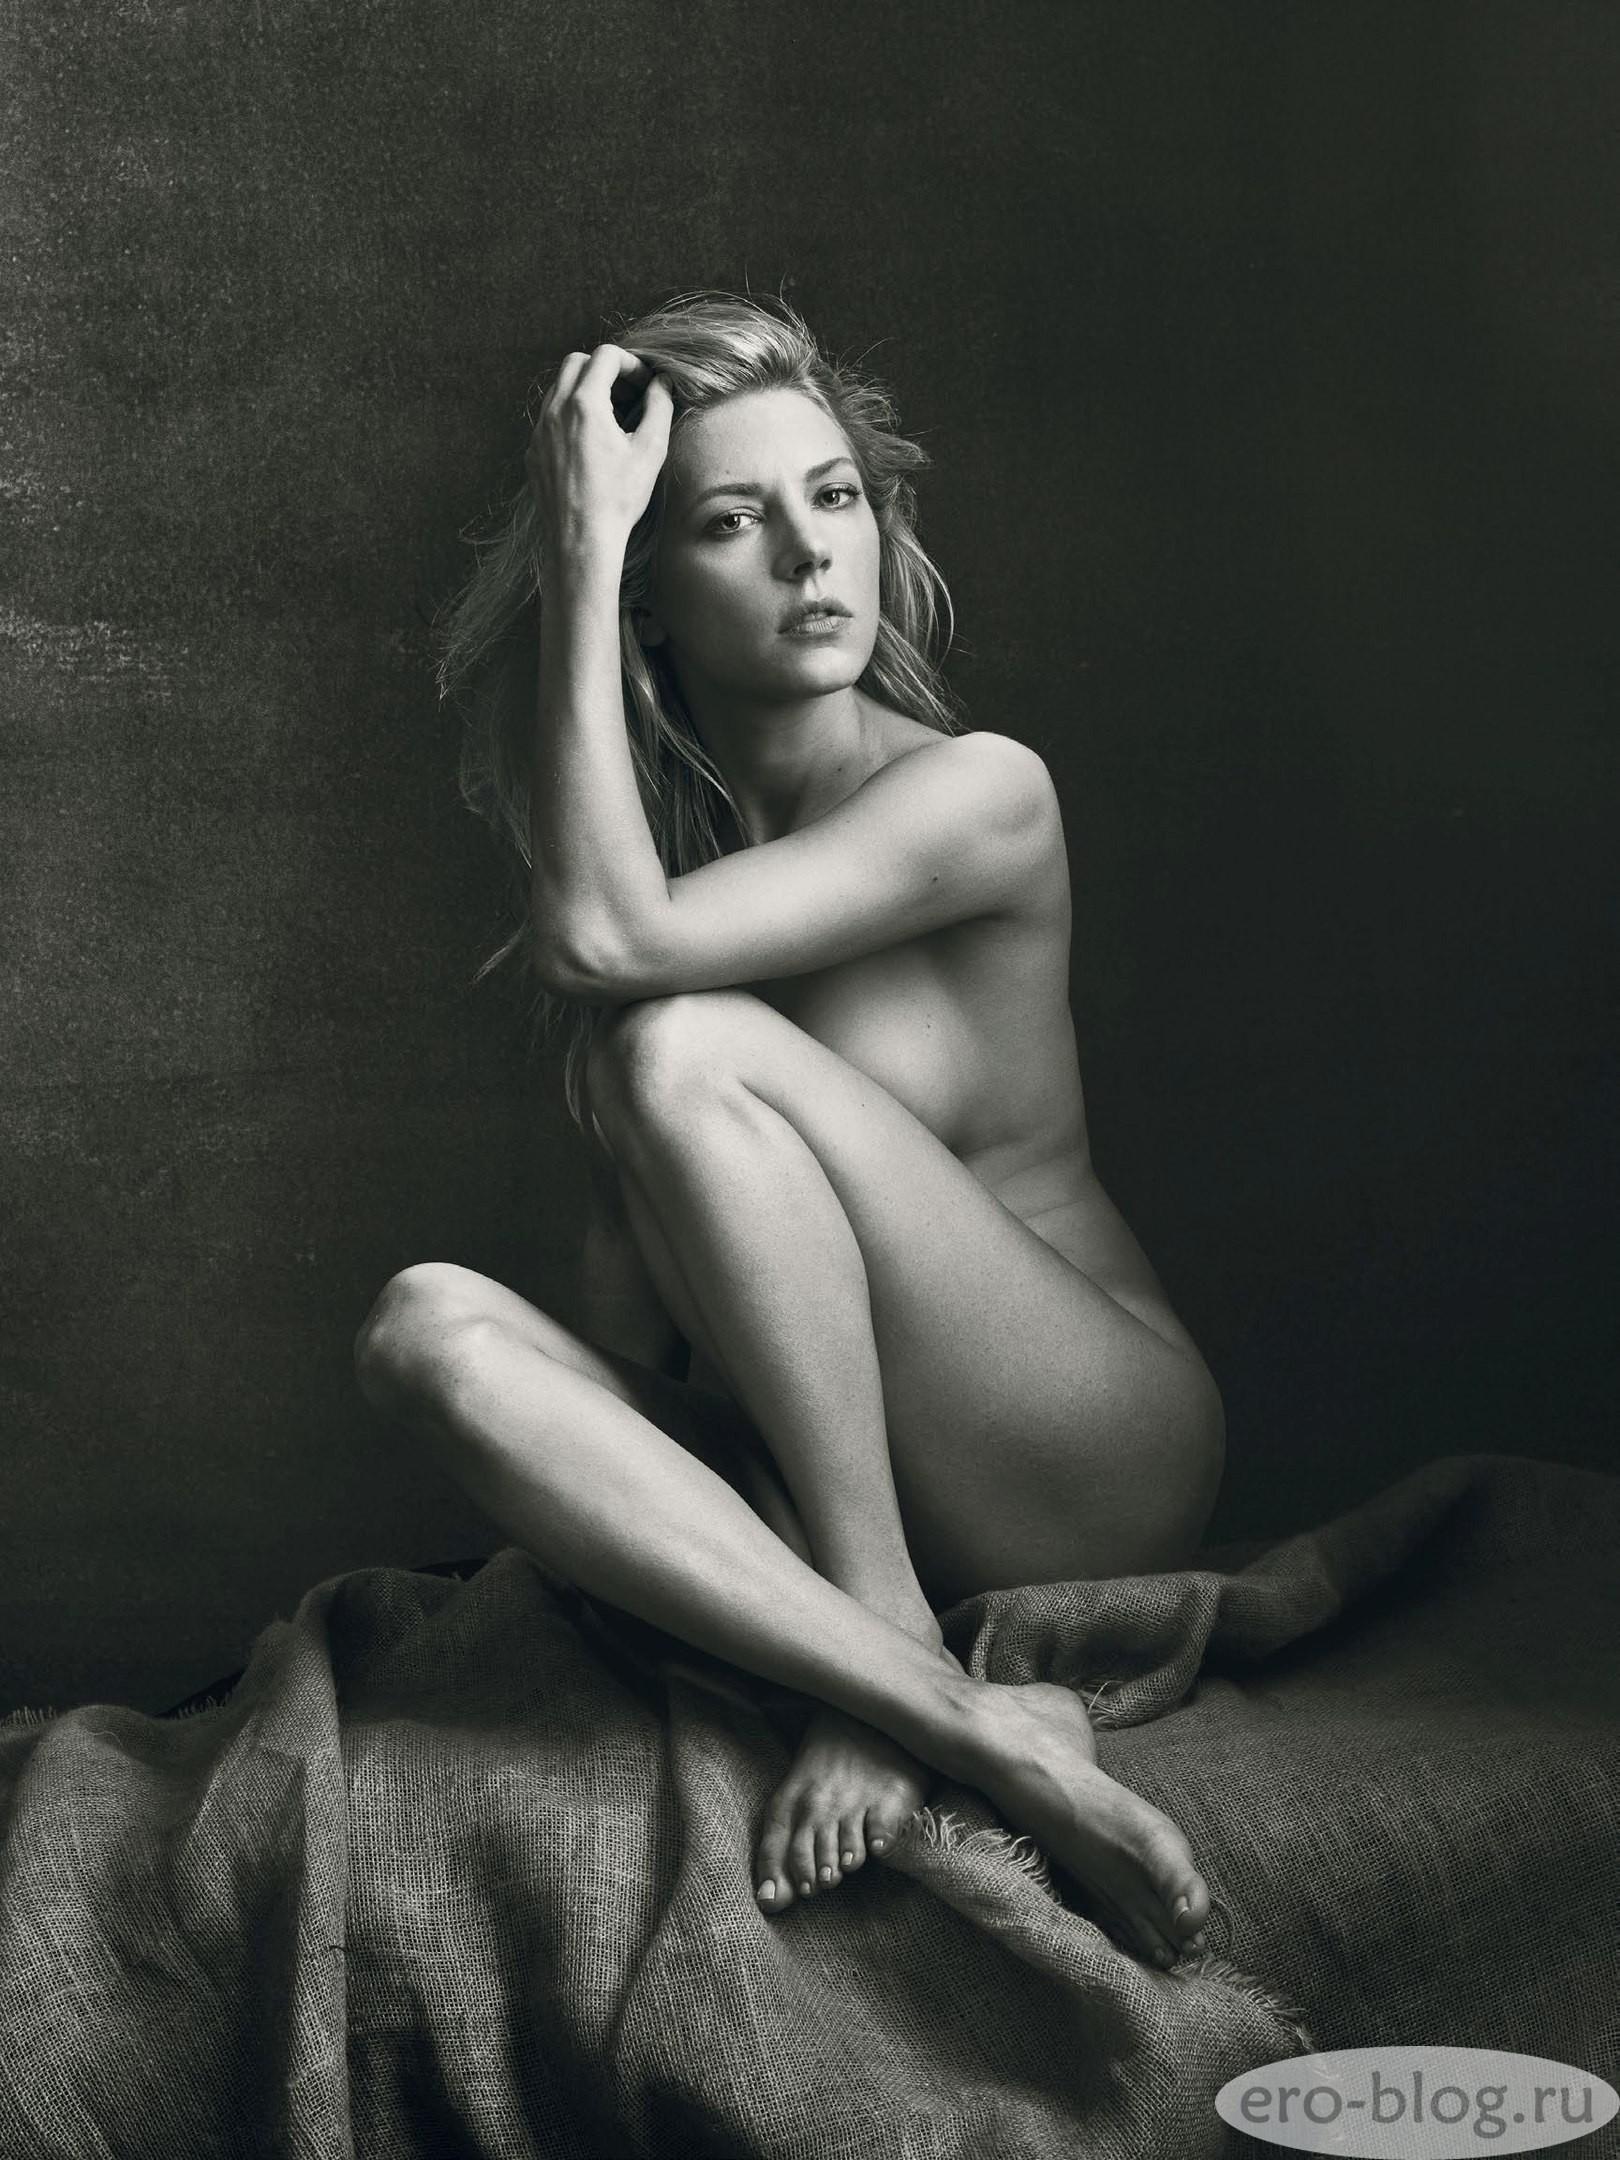 Голая обнаженная Katheryn Winnick | Кэтрин Уинник интимные фото звезды